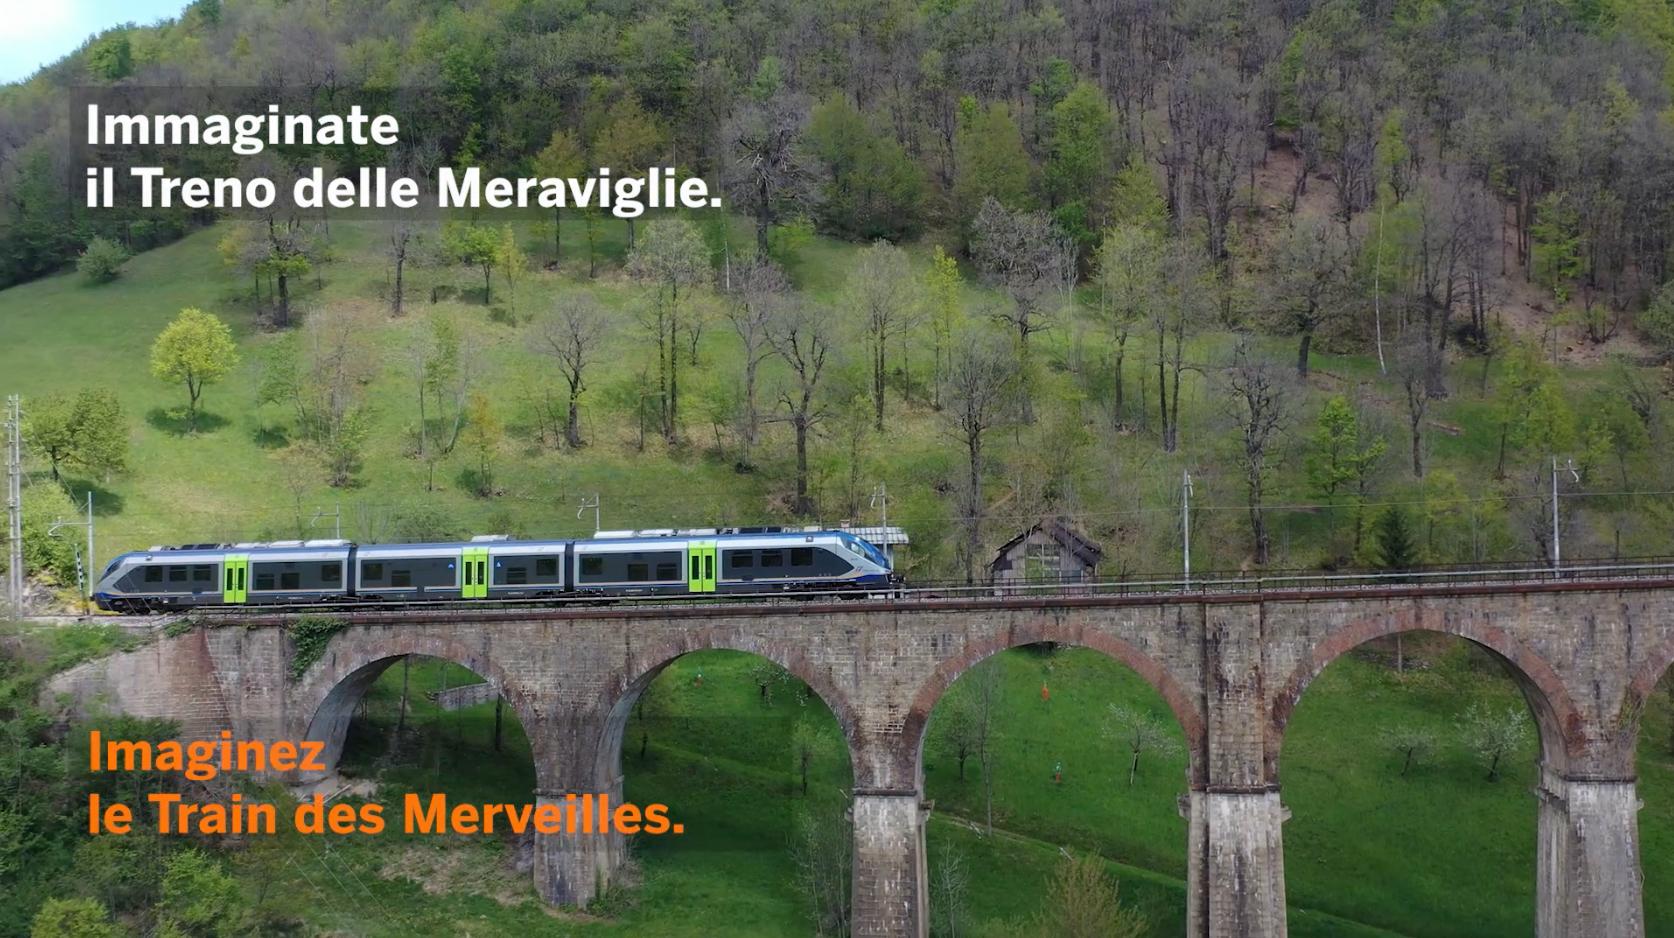 Foto 2 - Treno delle Meraviglie